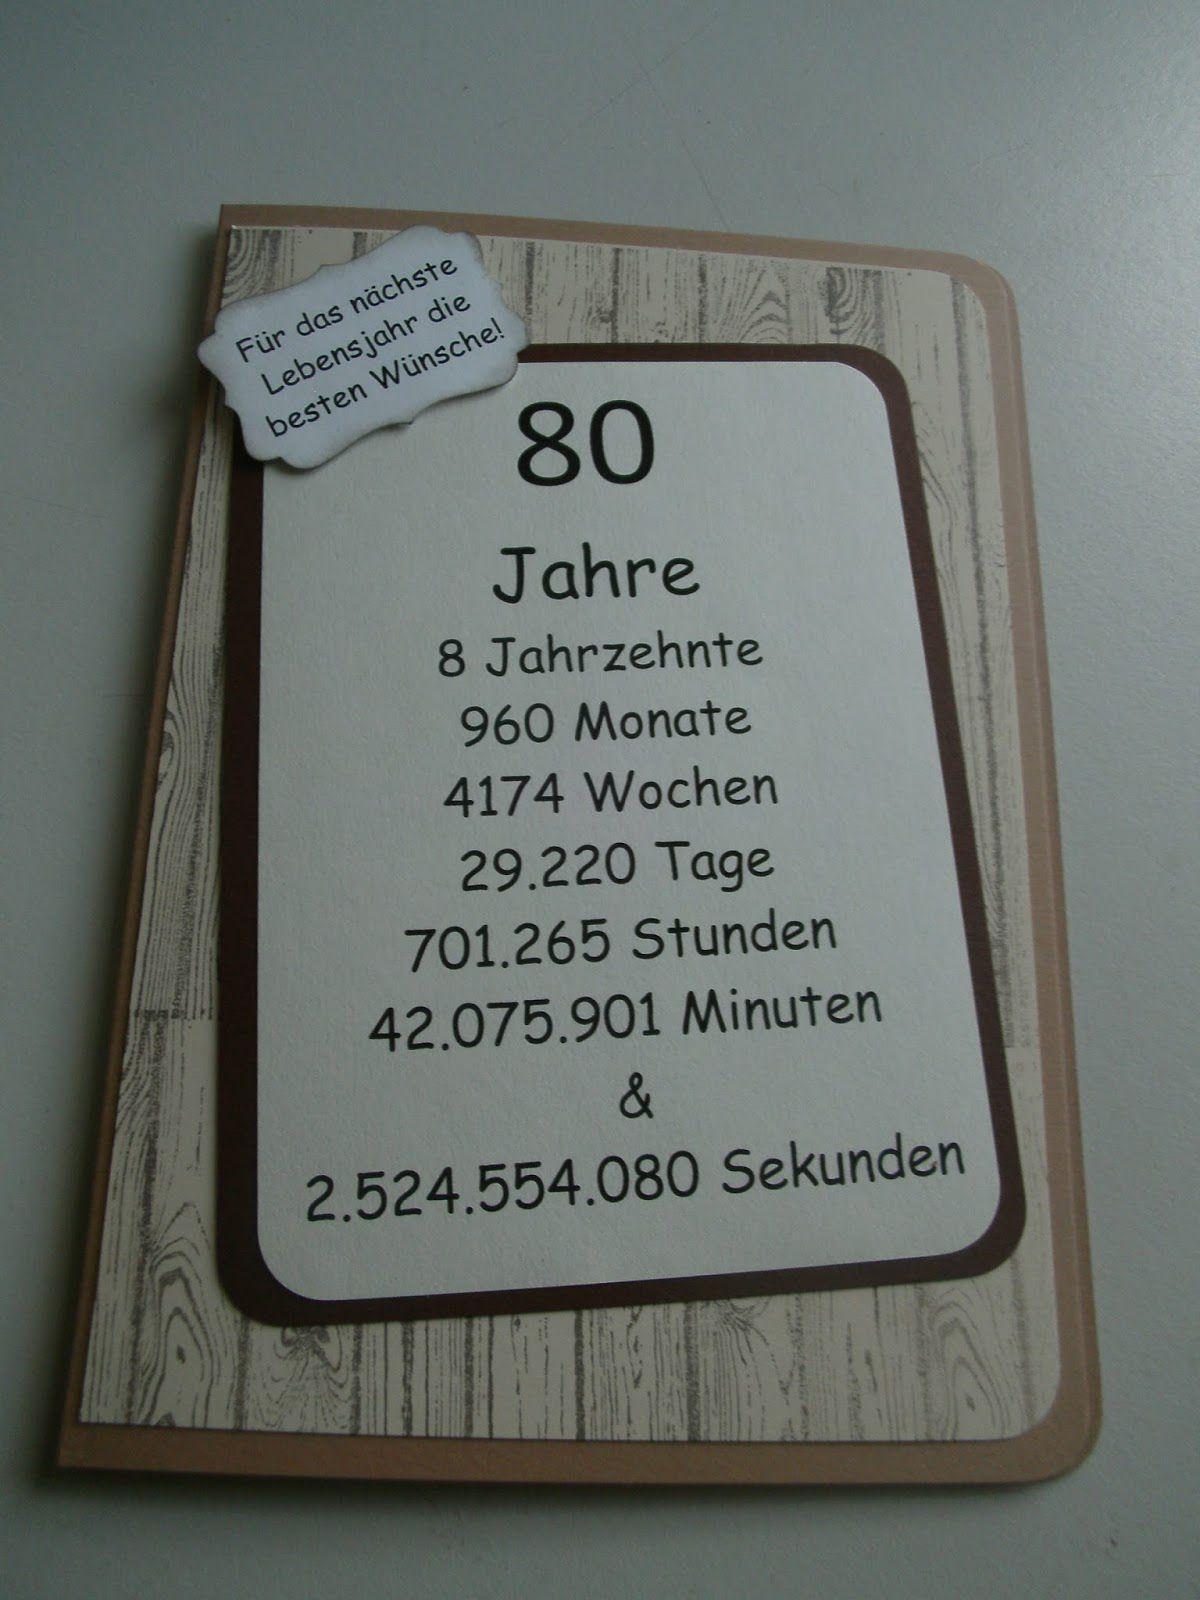 Einladungskarten Zum 80 Geburtstag Selbst Drucken Geschenk Ideen